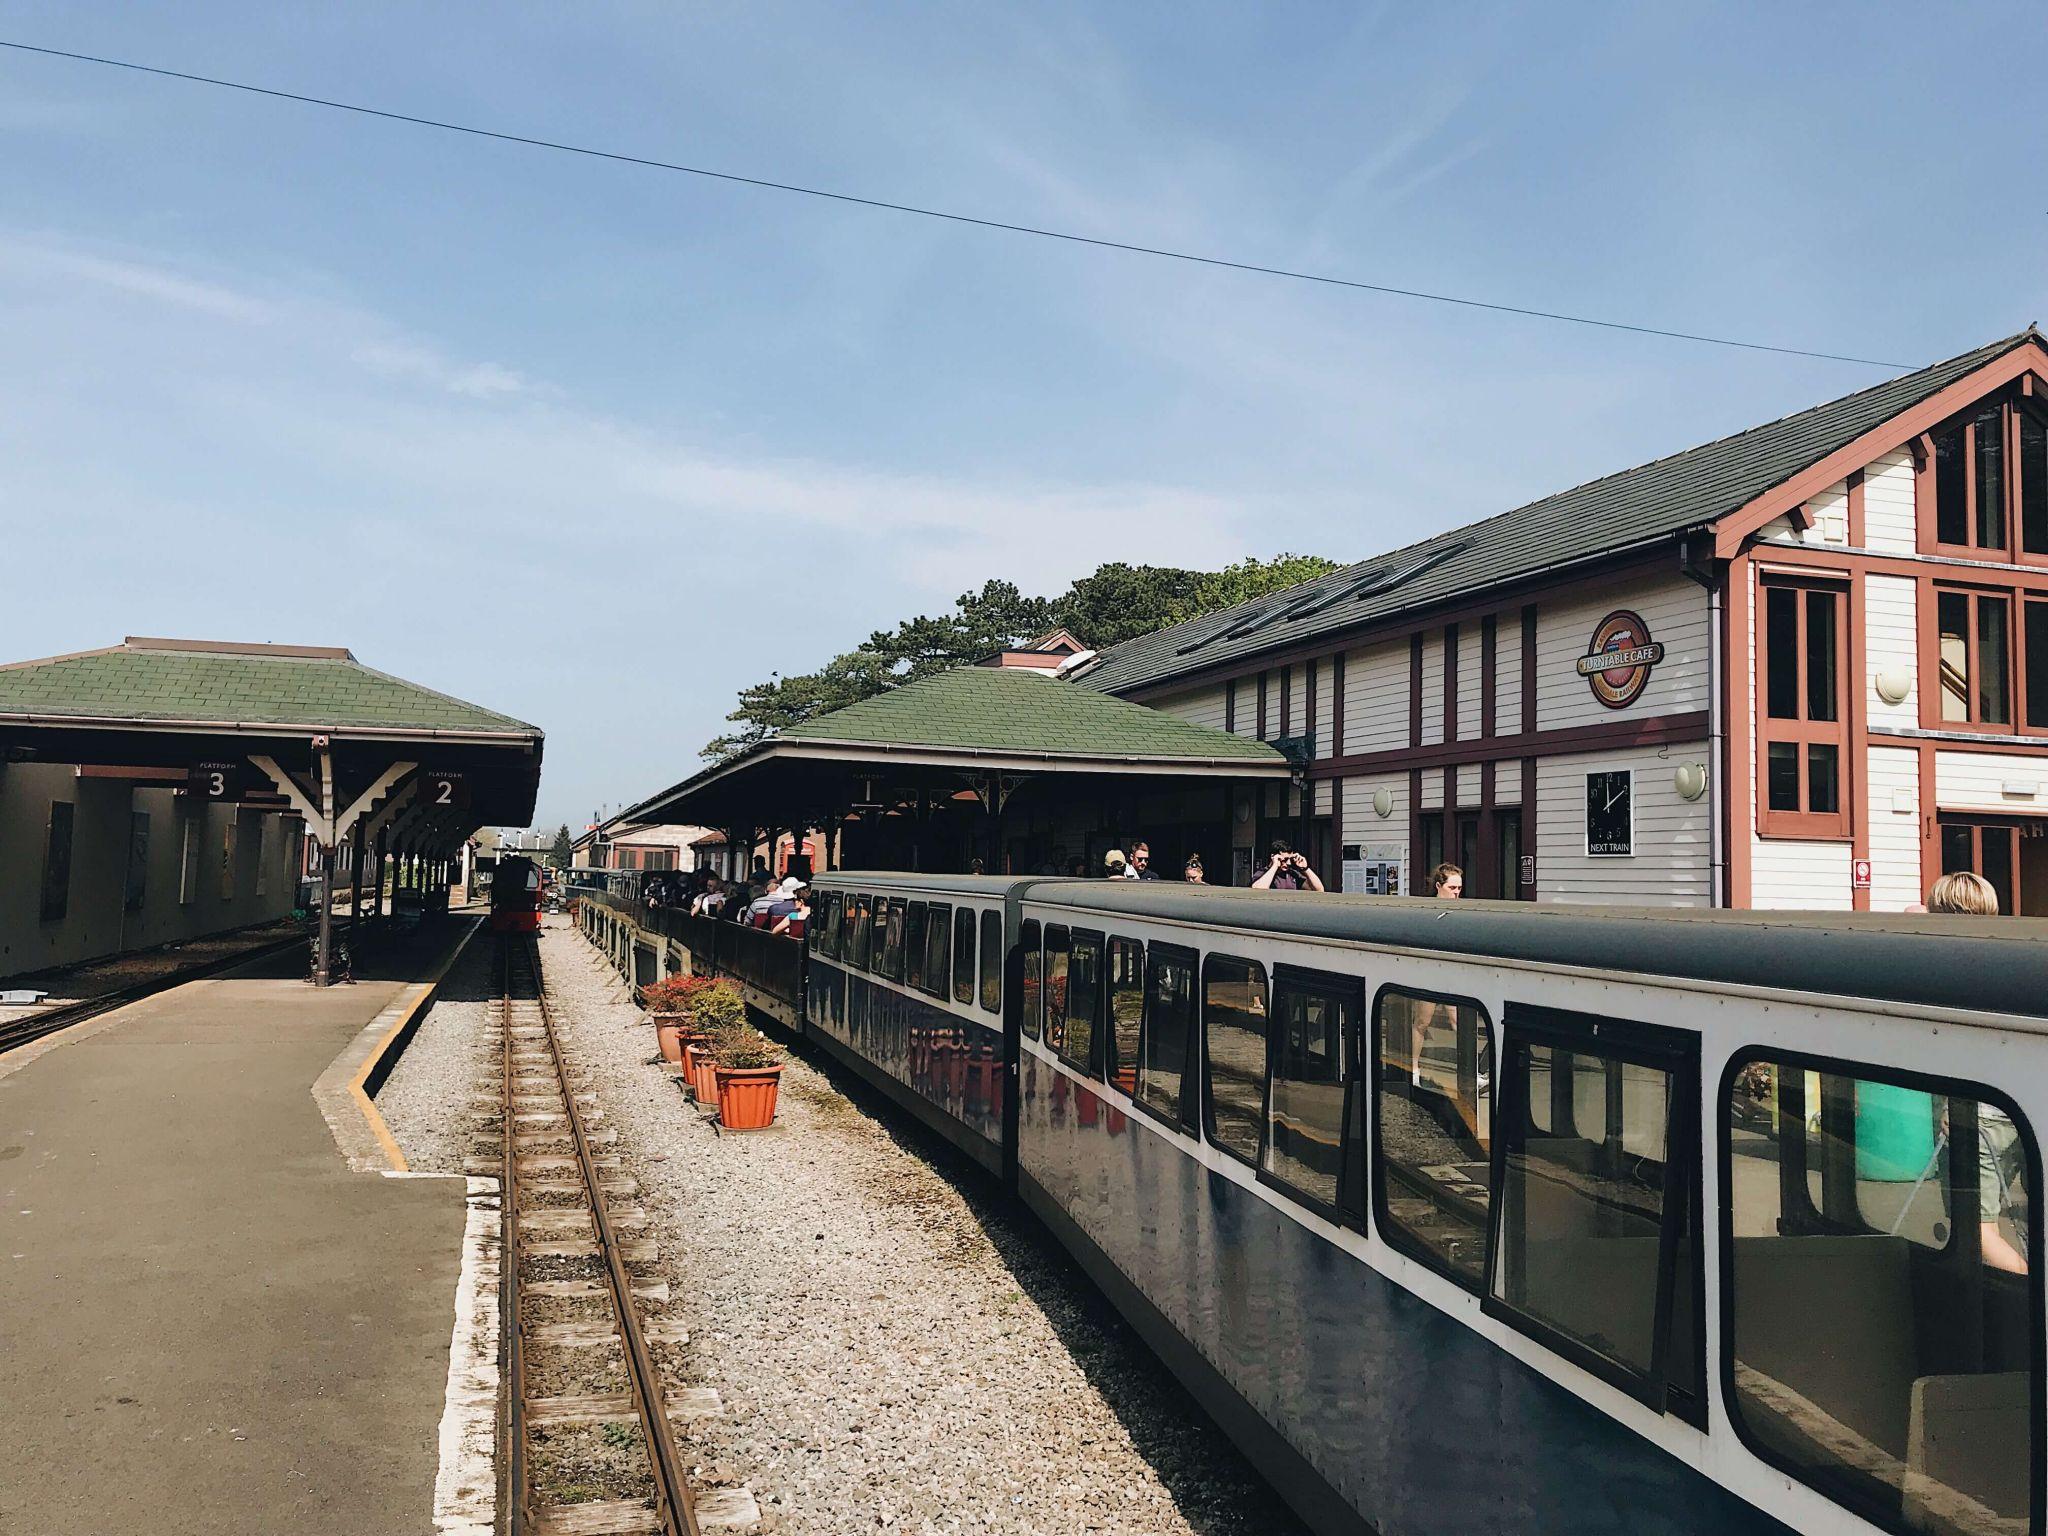 Eskdale railway